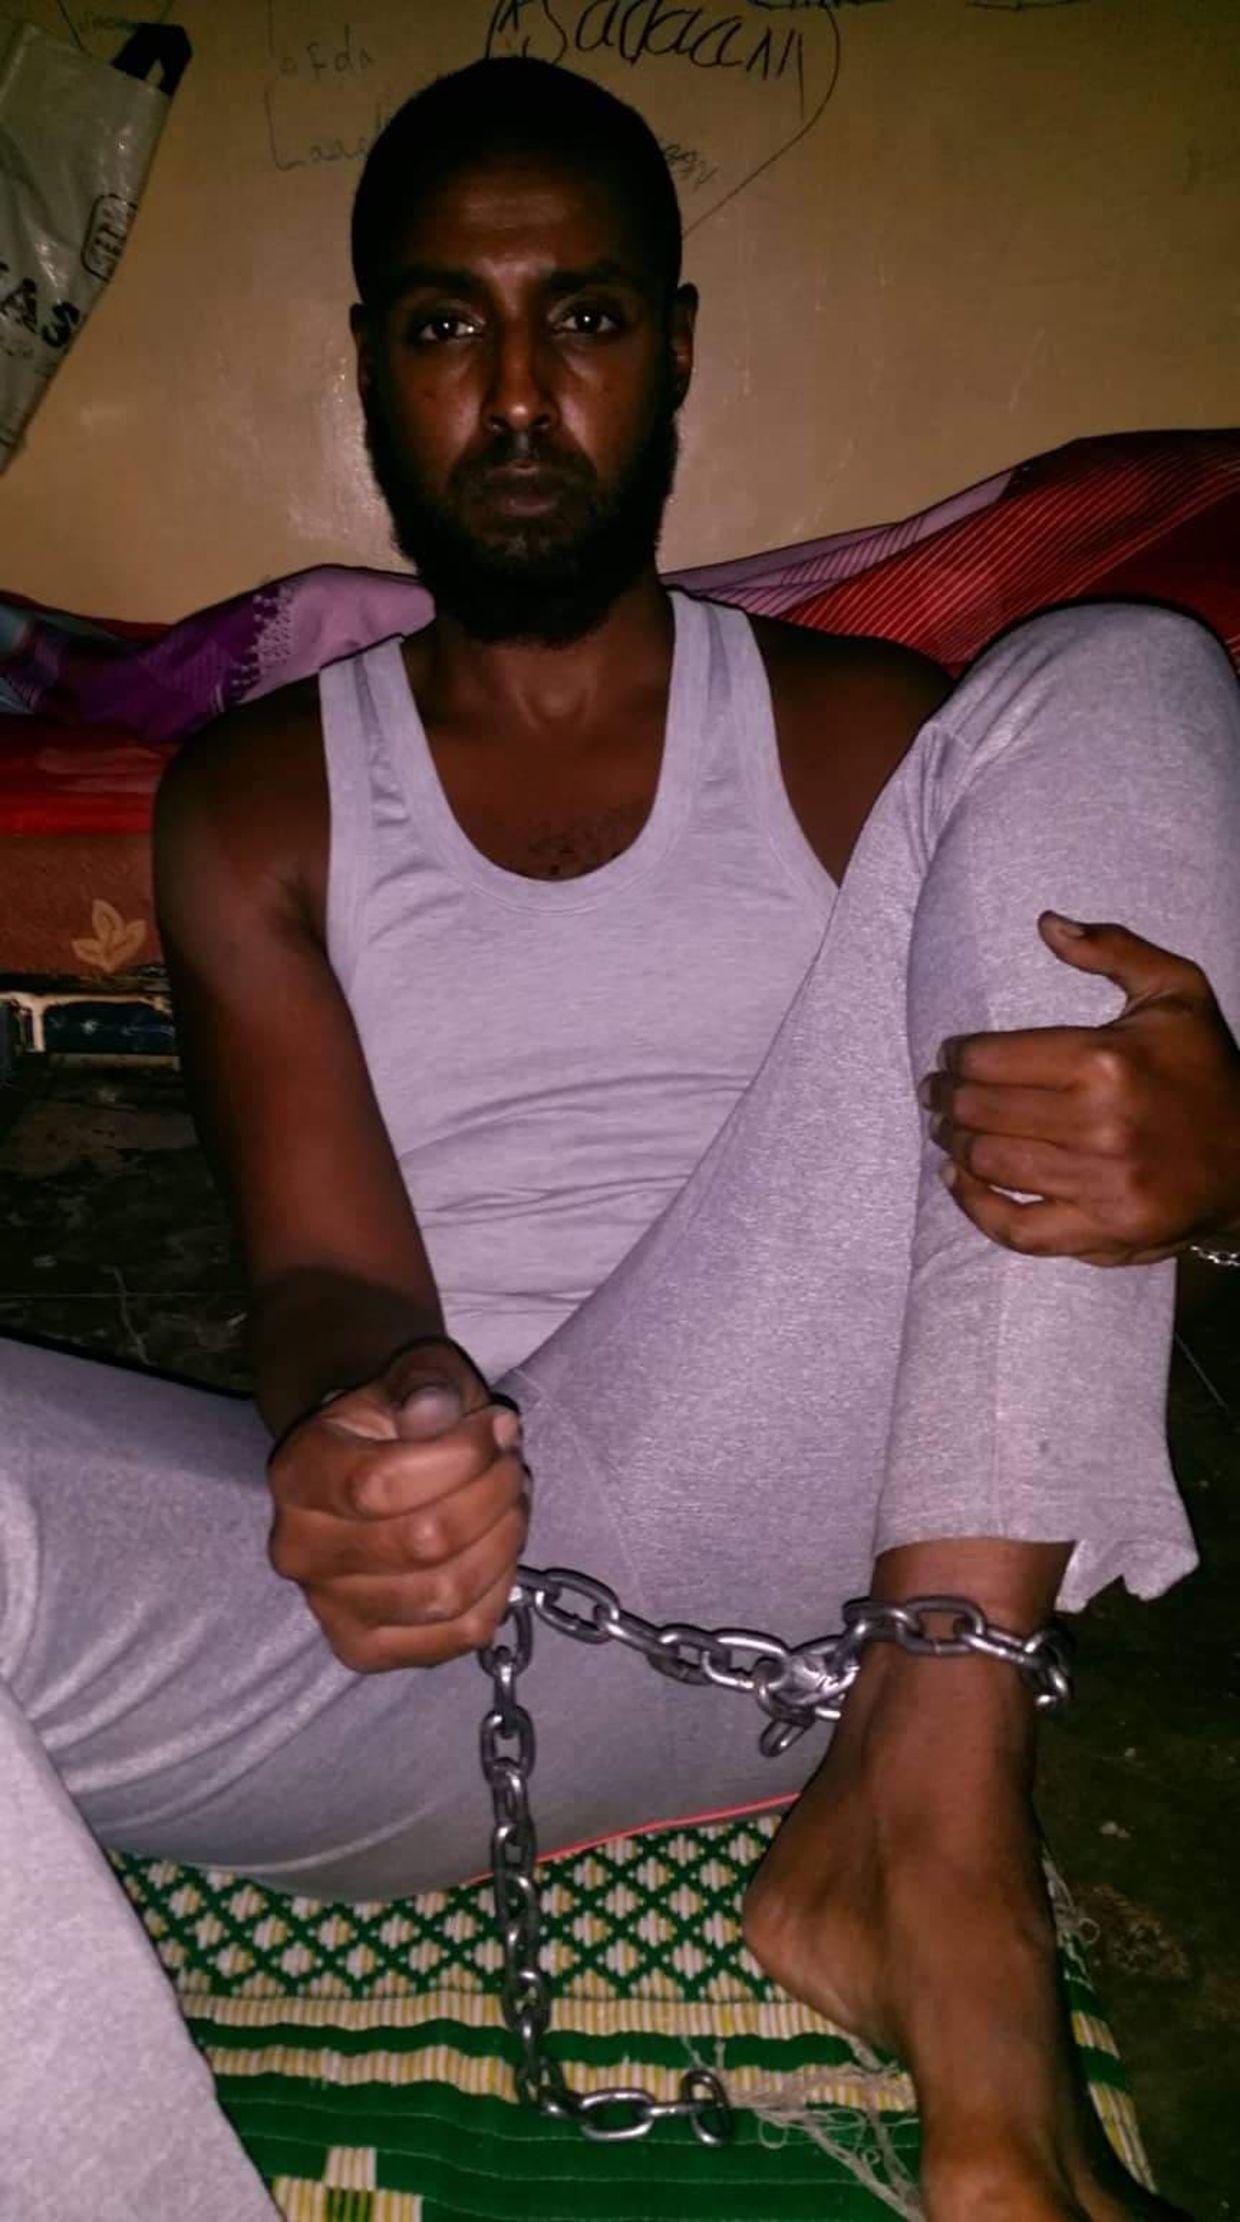 Dansk-somaliske Omer Muse blev i 2016 dømt for drabet på Jonas Thomsen Sekyere. Omer Muse afsoner dommen i Somalia. Nu vil han til Danmark.